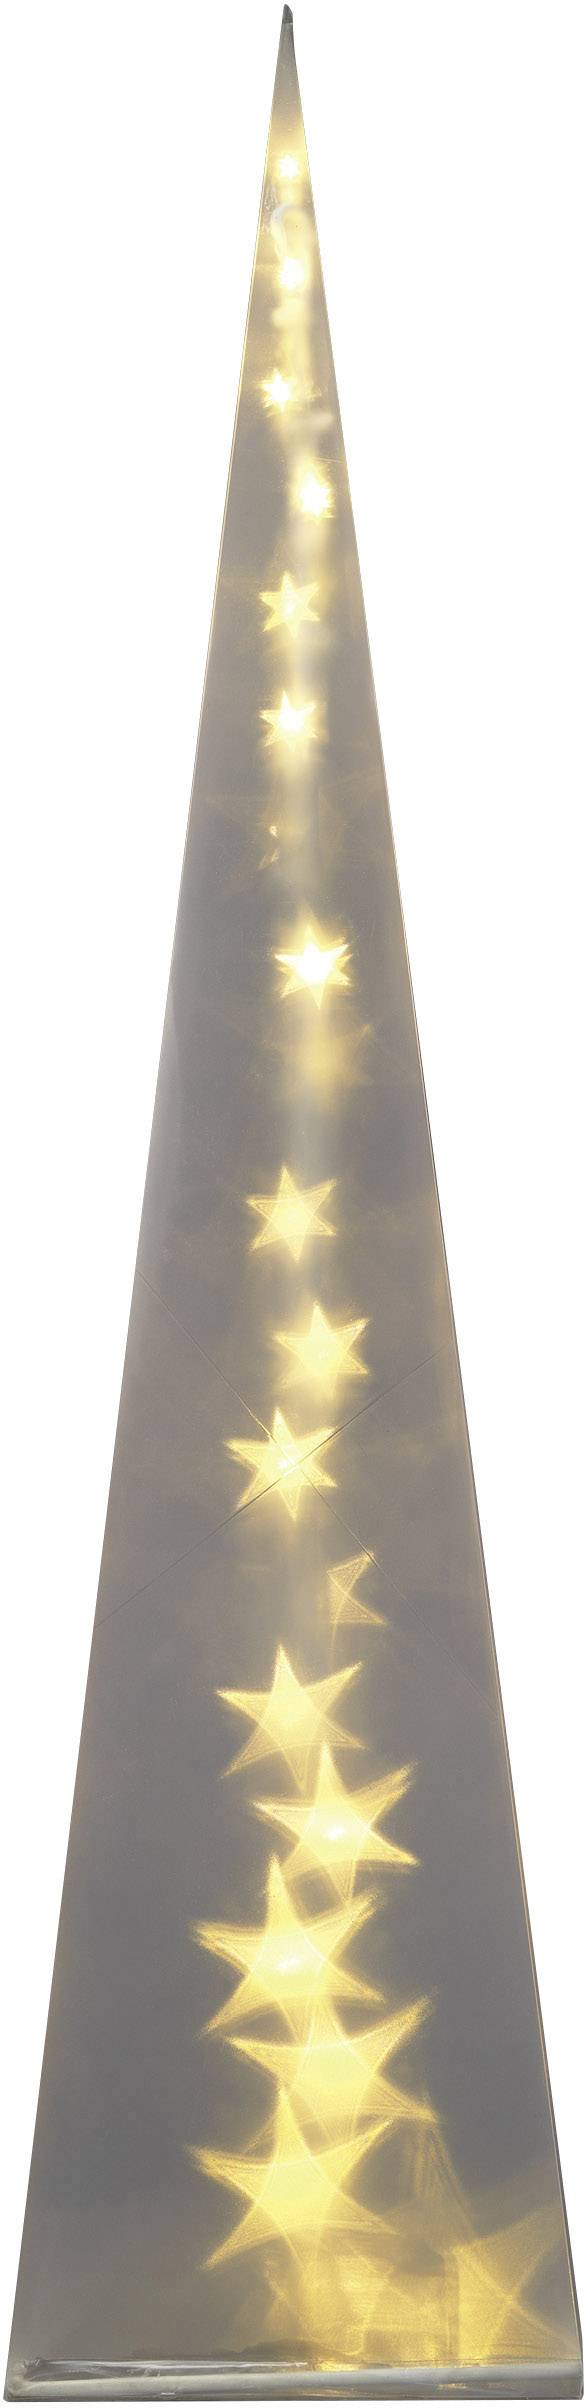 Pyramída LED vianočná dekorácia Polarlite PDE-04-002, priehľadná